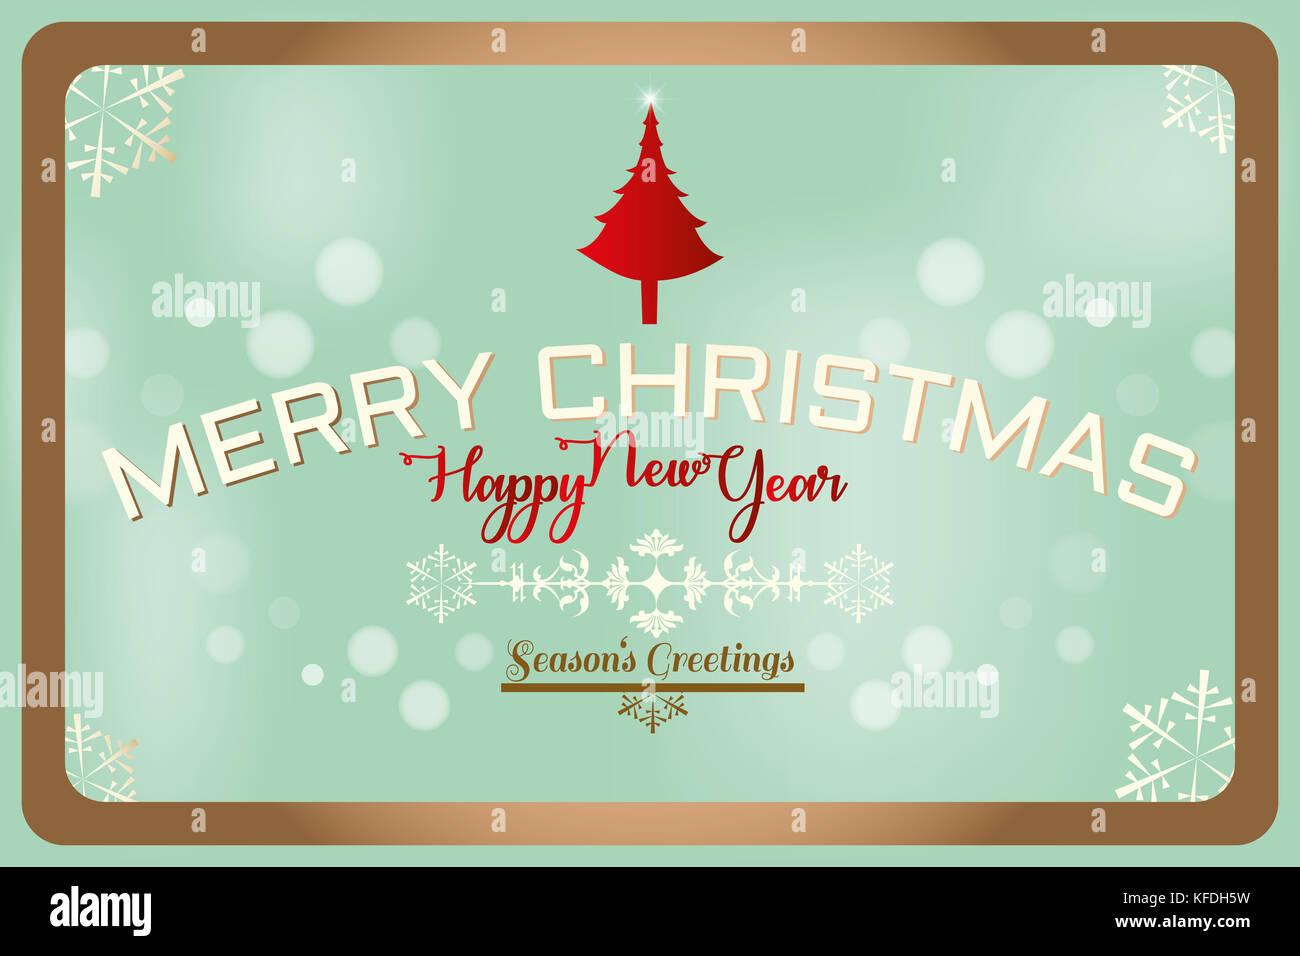 Grüße Frohe Weihnachten.Frohe Weihnachten Grüße Und Die Saison Frohes Neues Jahr